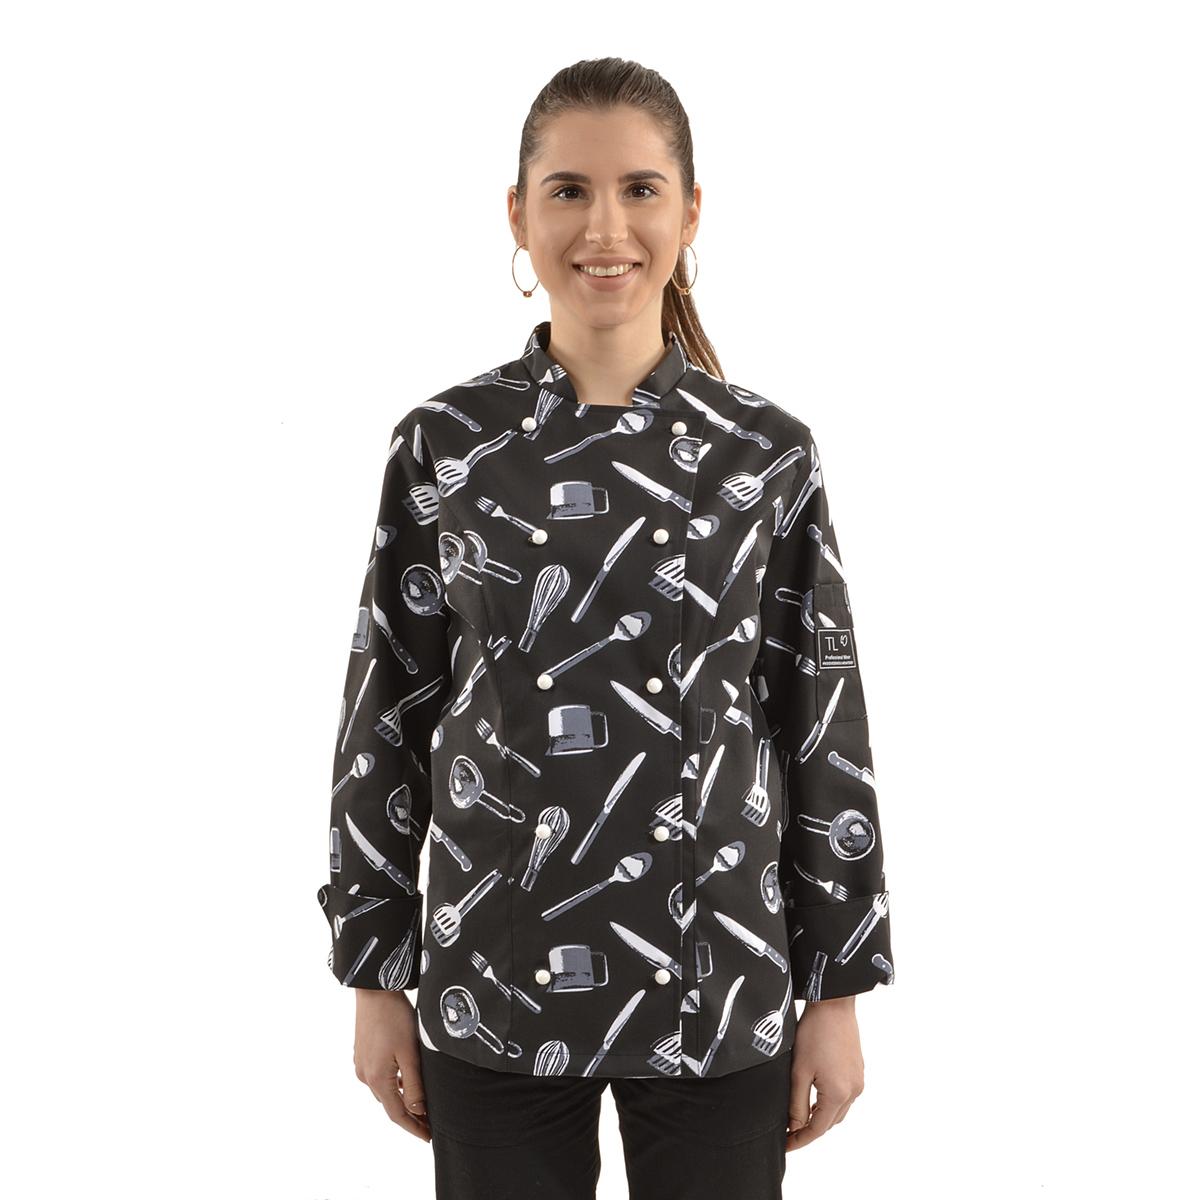 Zenska bluza NAPOLITANA 1